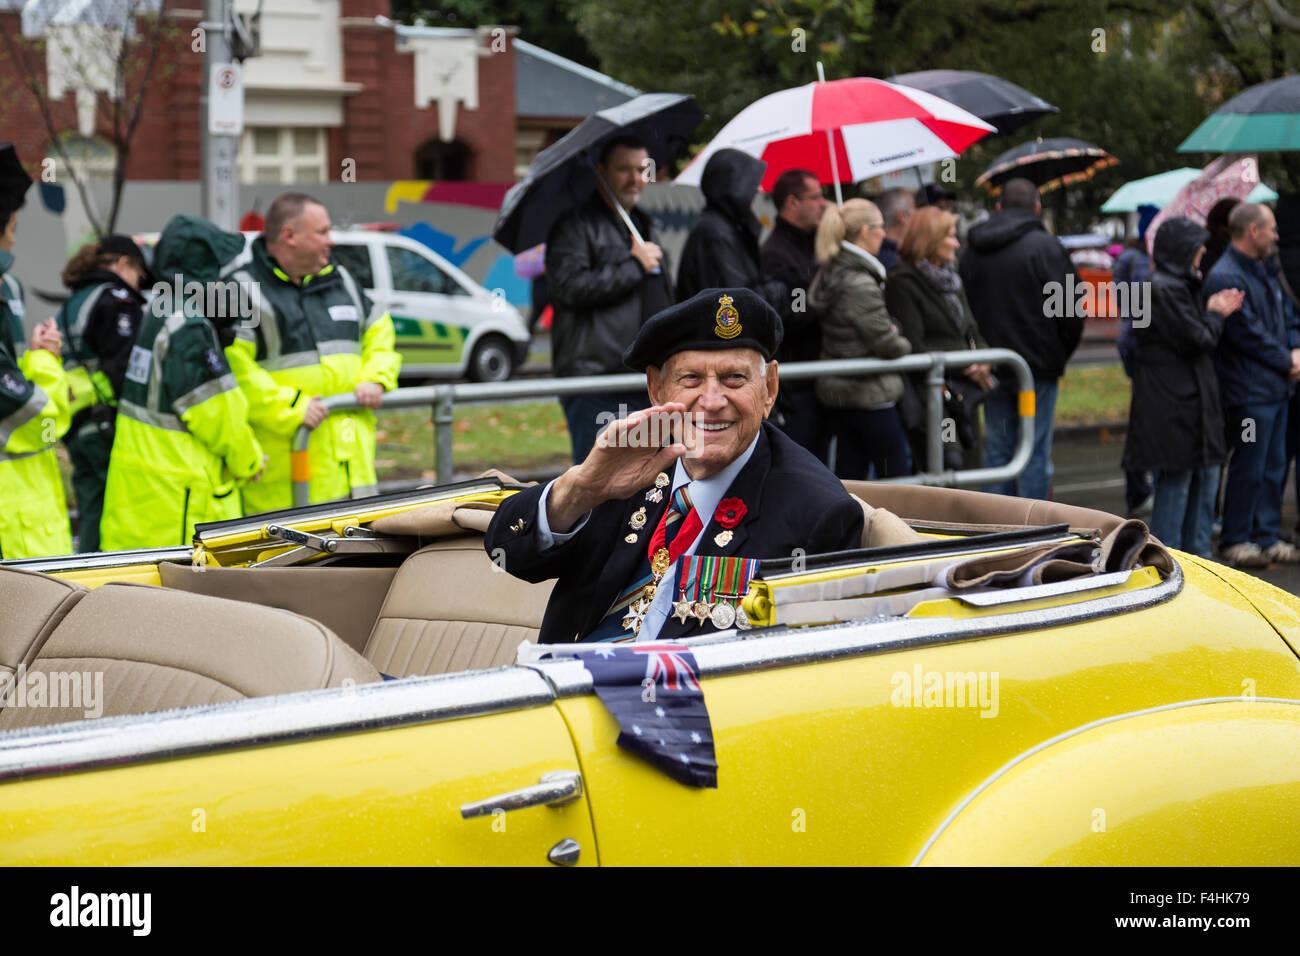 Melbourne, Australie - 25 Avril 2015: un ancien combattant est conduit autour et brandit au gens à l'ANZAC day parade. Banque D'Images